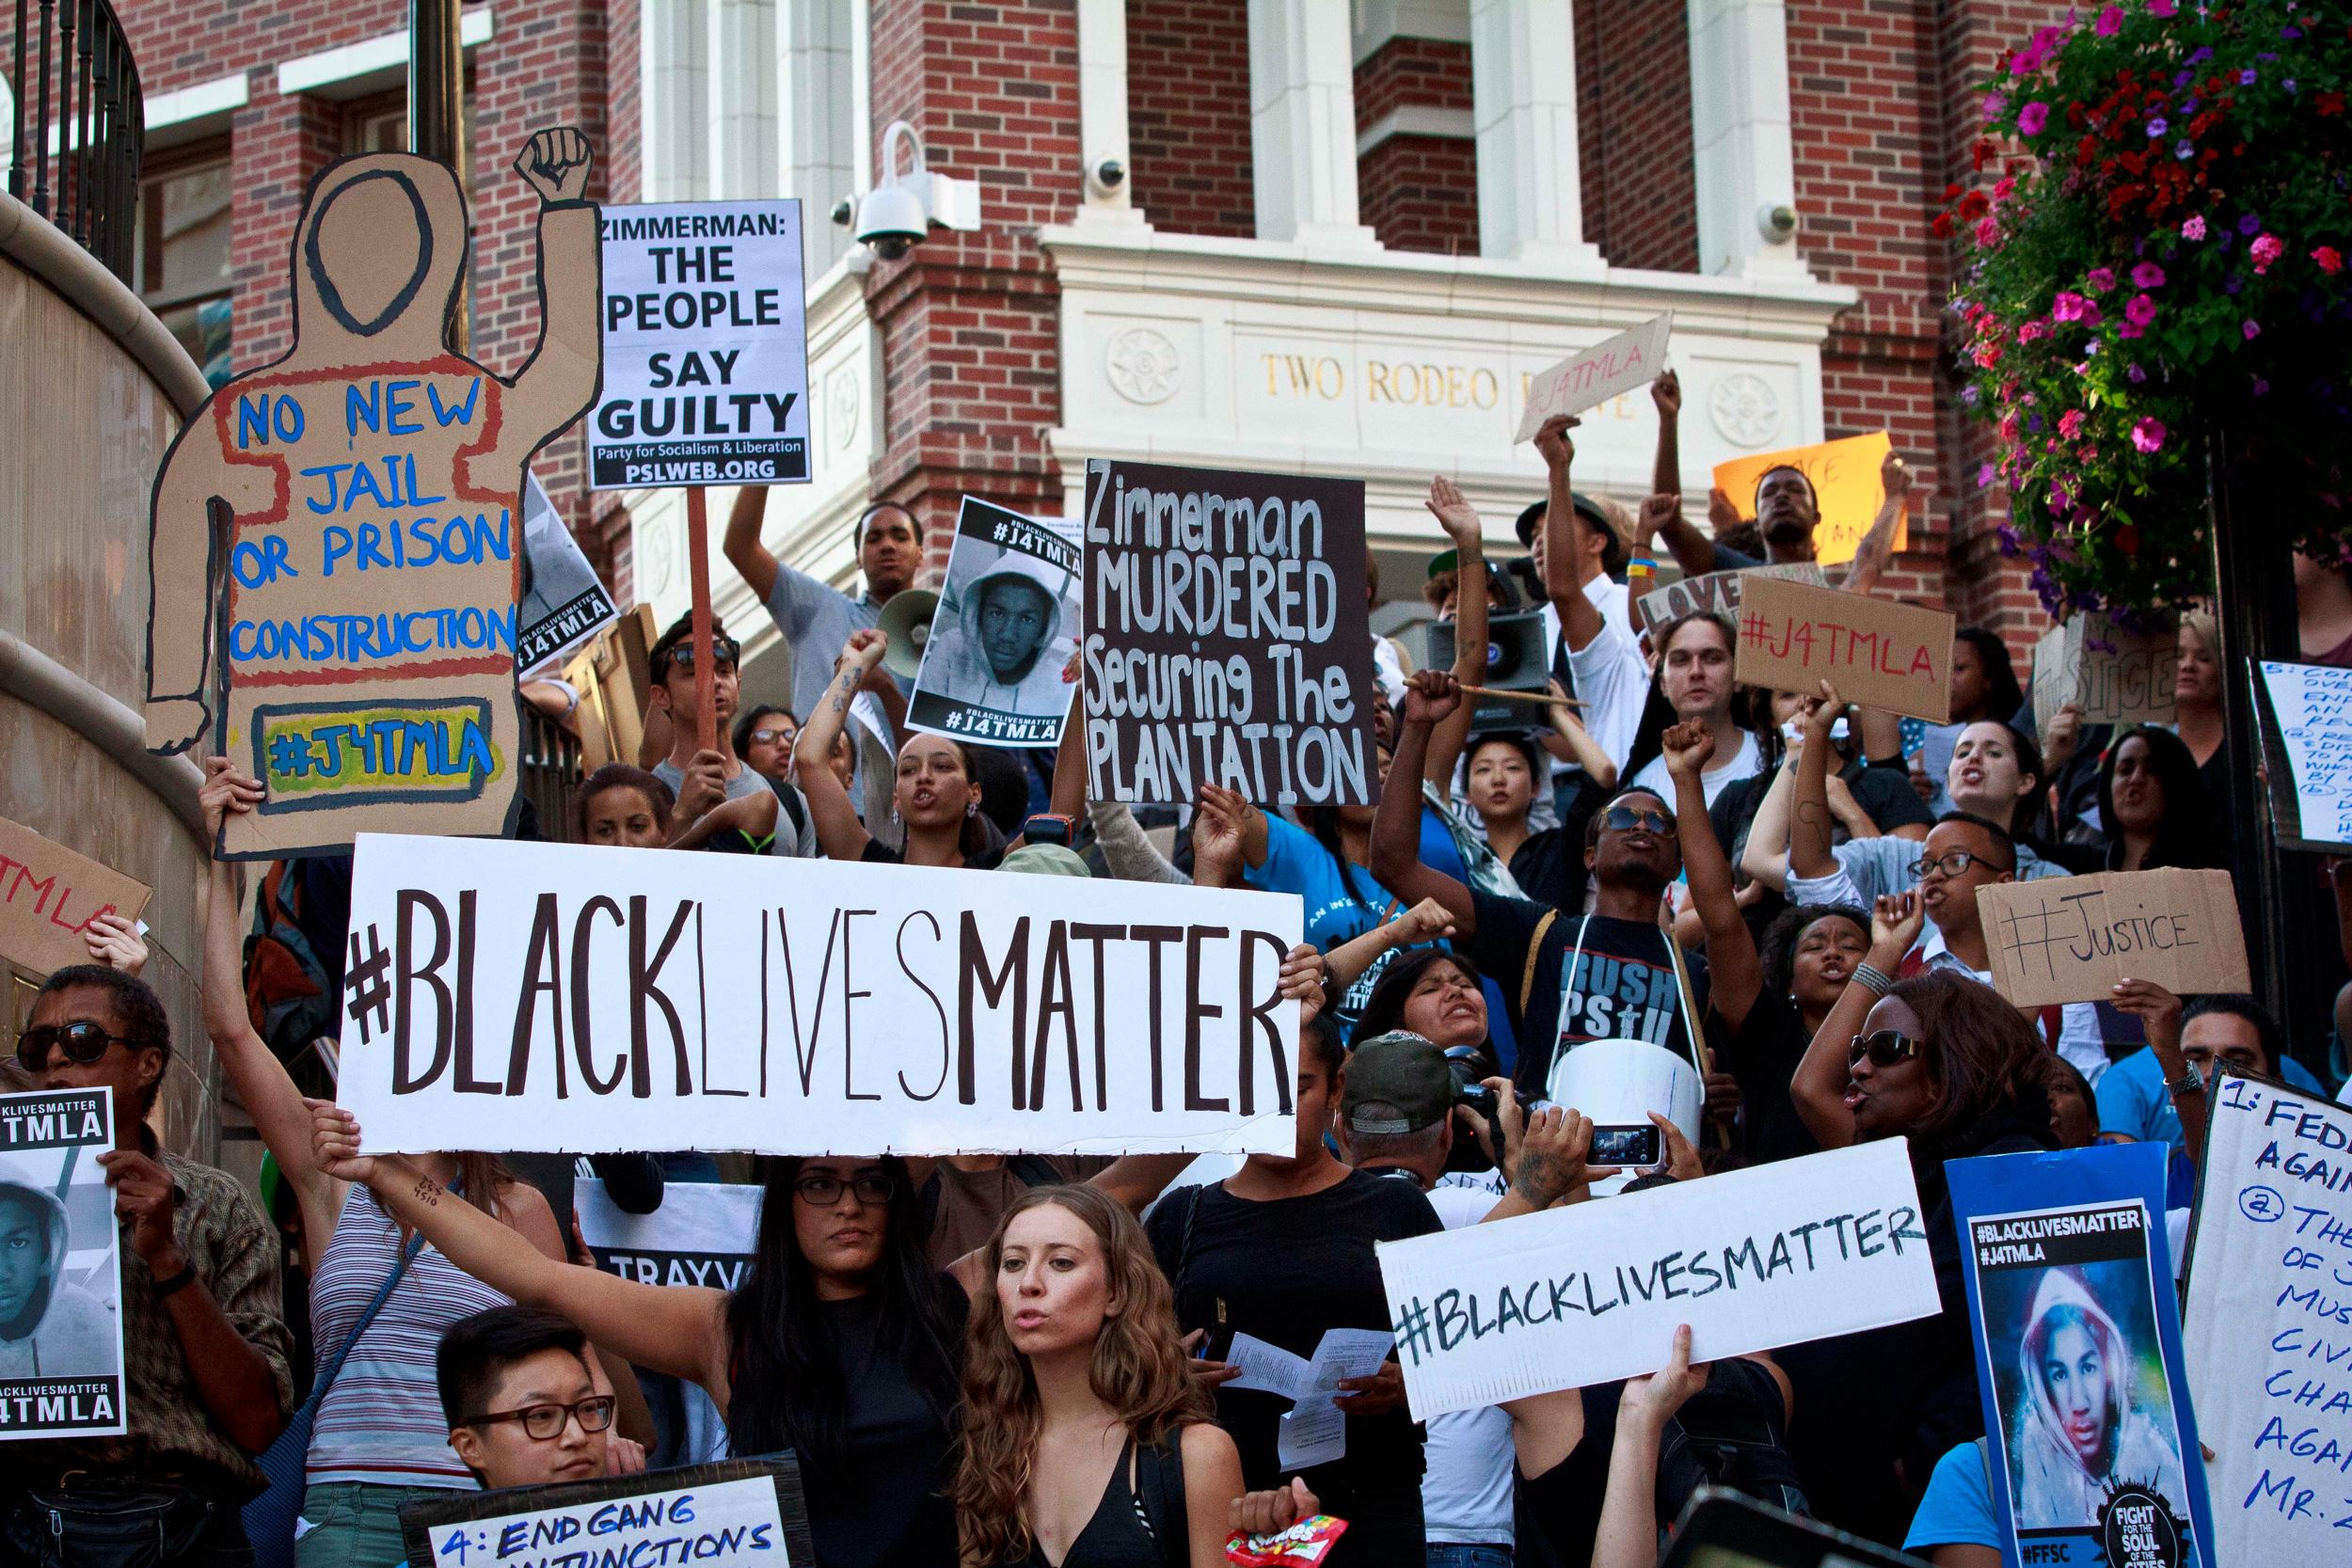 BlackLivesMatter demonstration on steps